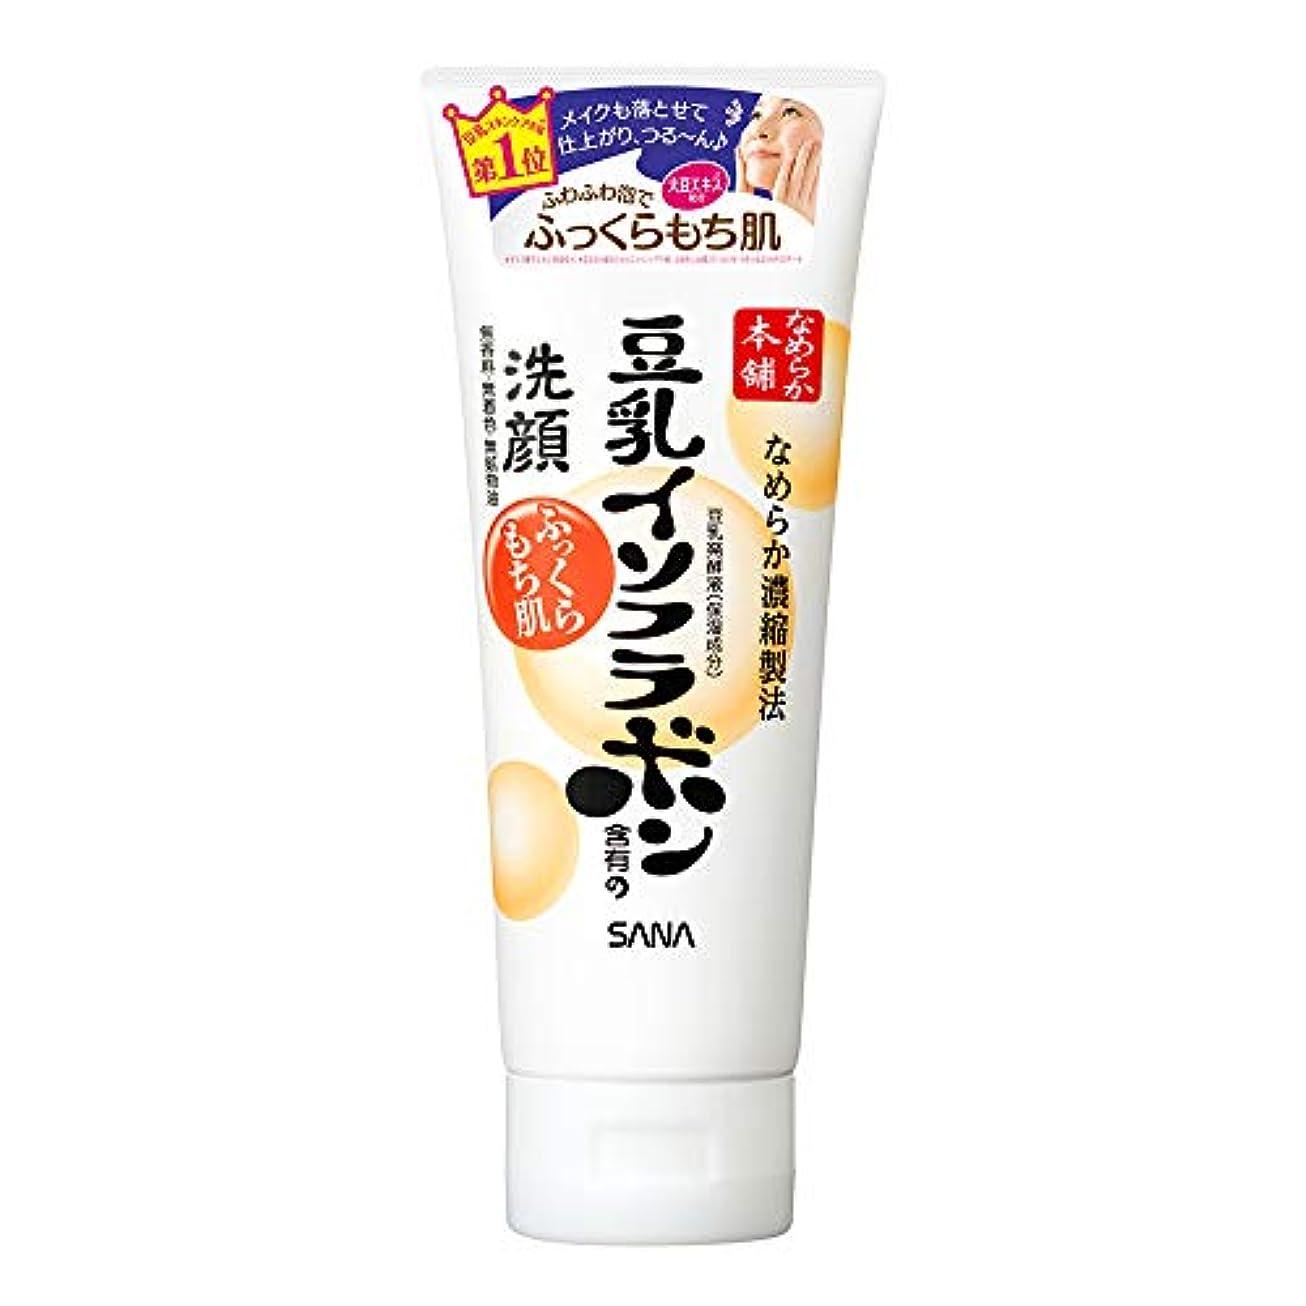 嬉しいです消防士論理的【Amazon.co.jp限定】なめらか本舗 クレンジング洗顔 大容量タイプ 200g